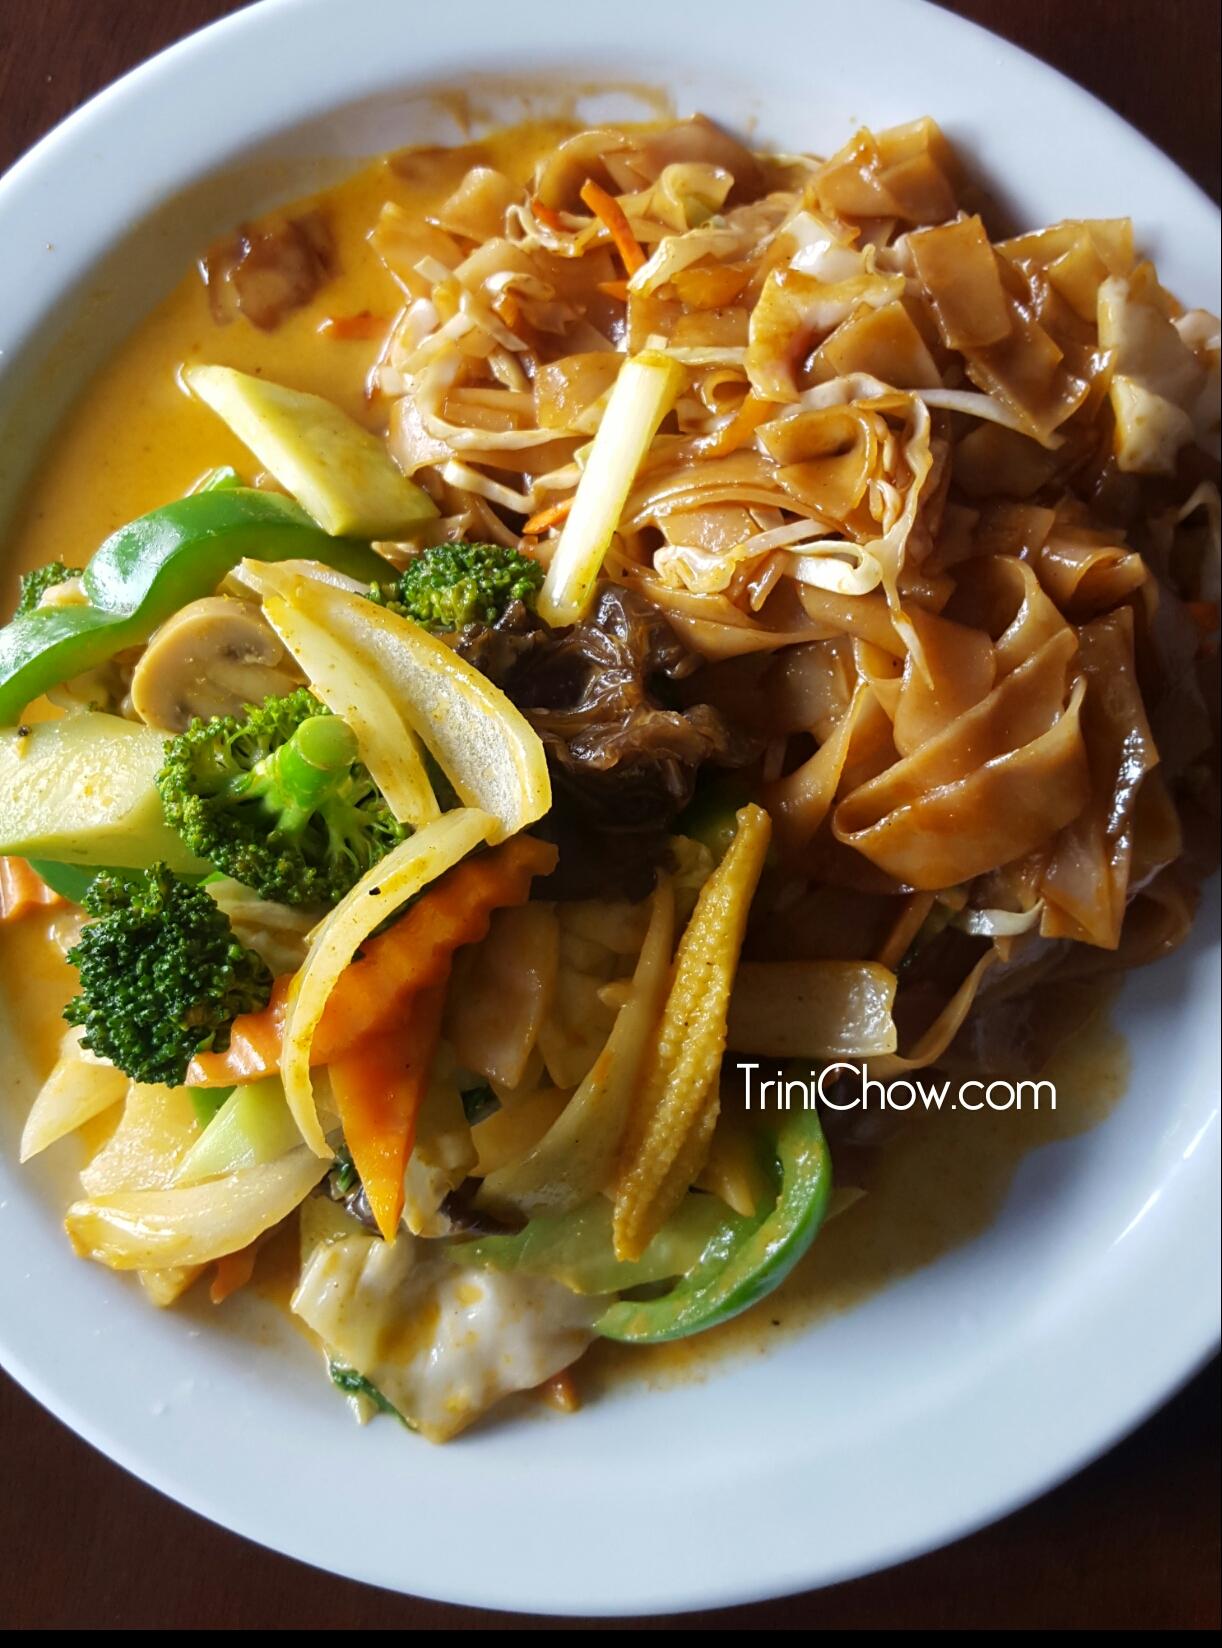 Sombat S Thai Cuisine Curepe Trinidad Trinichow